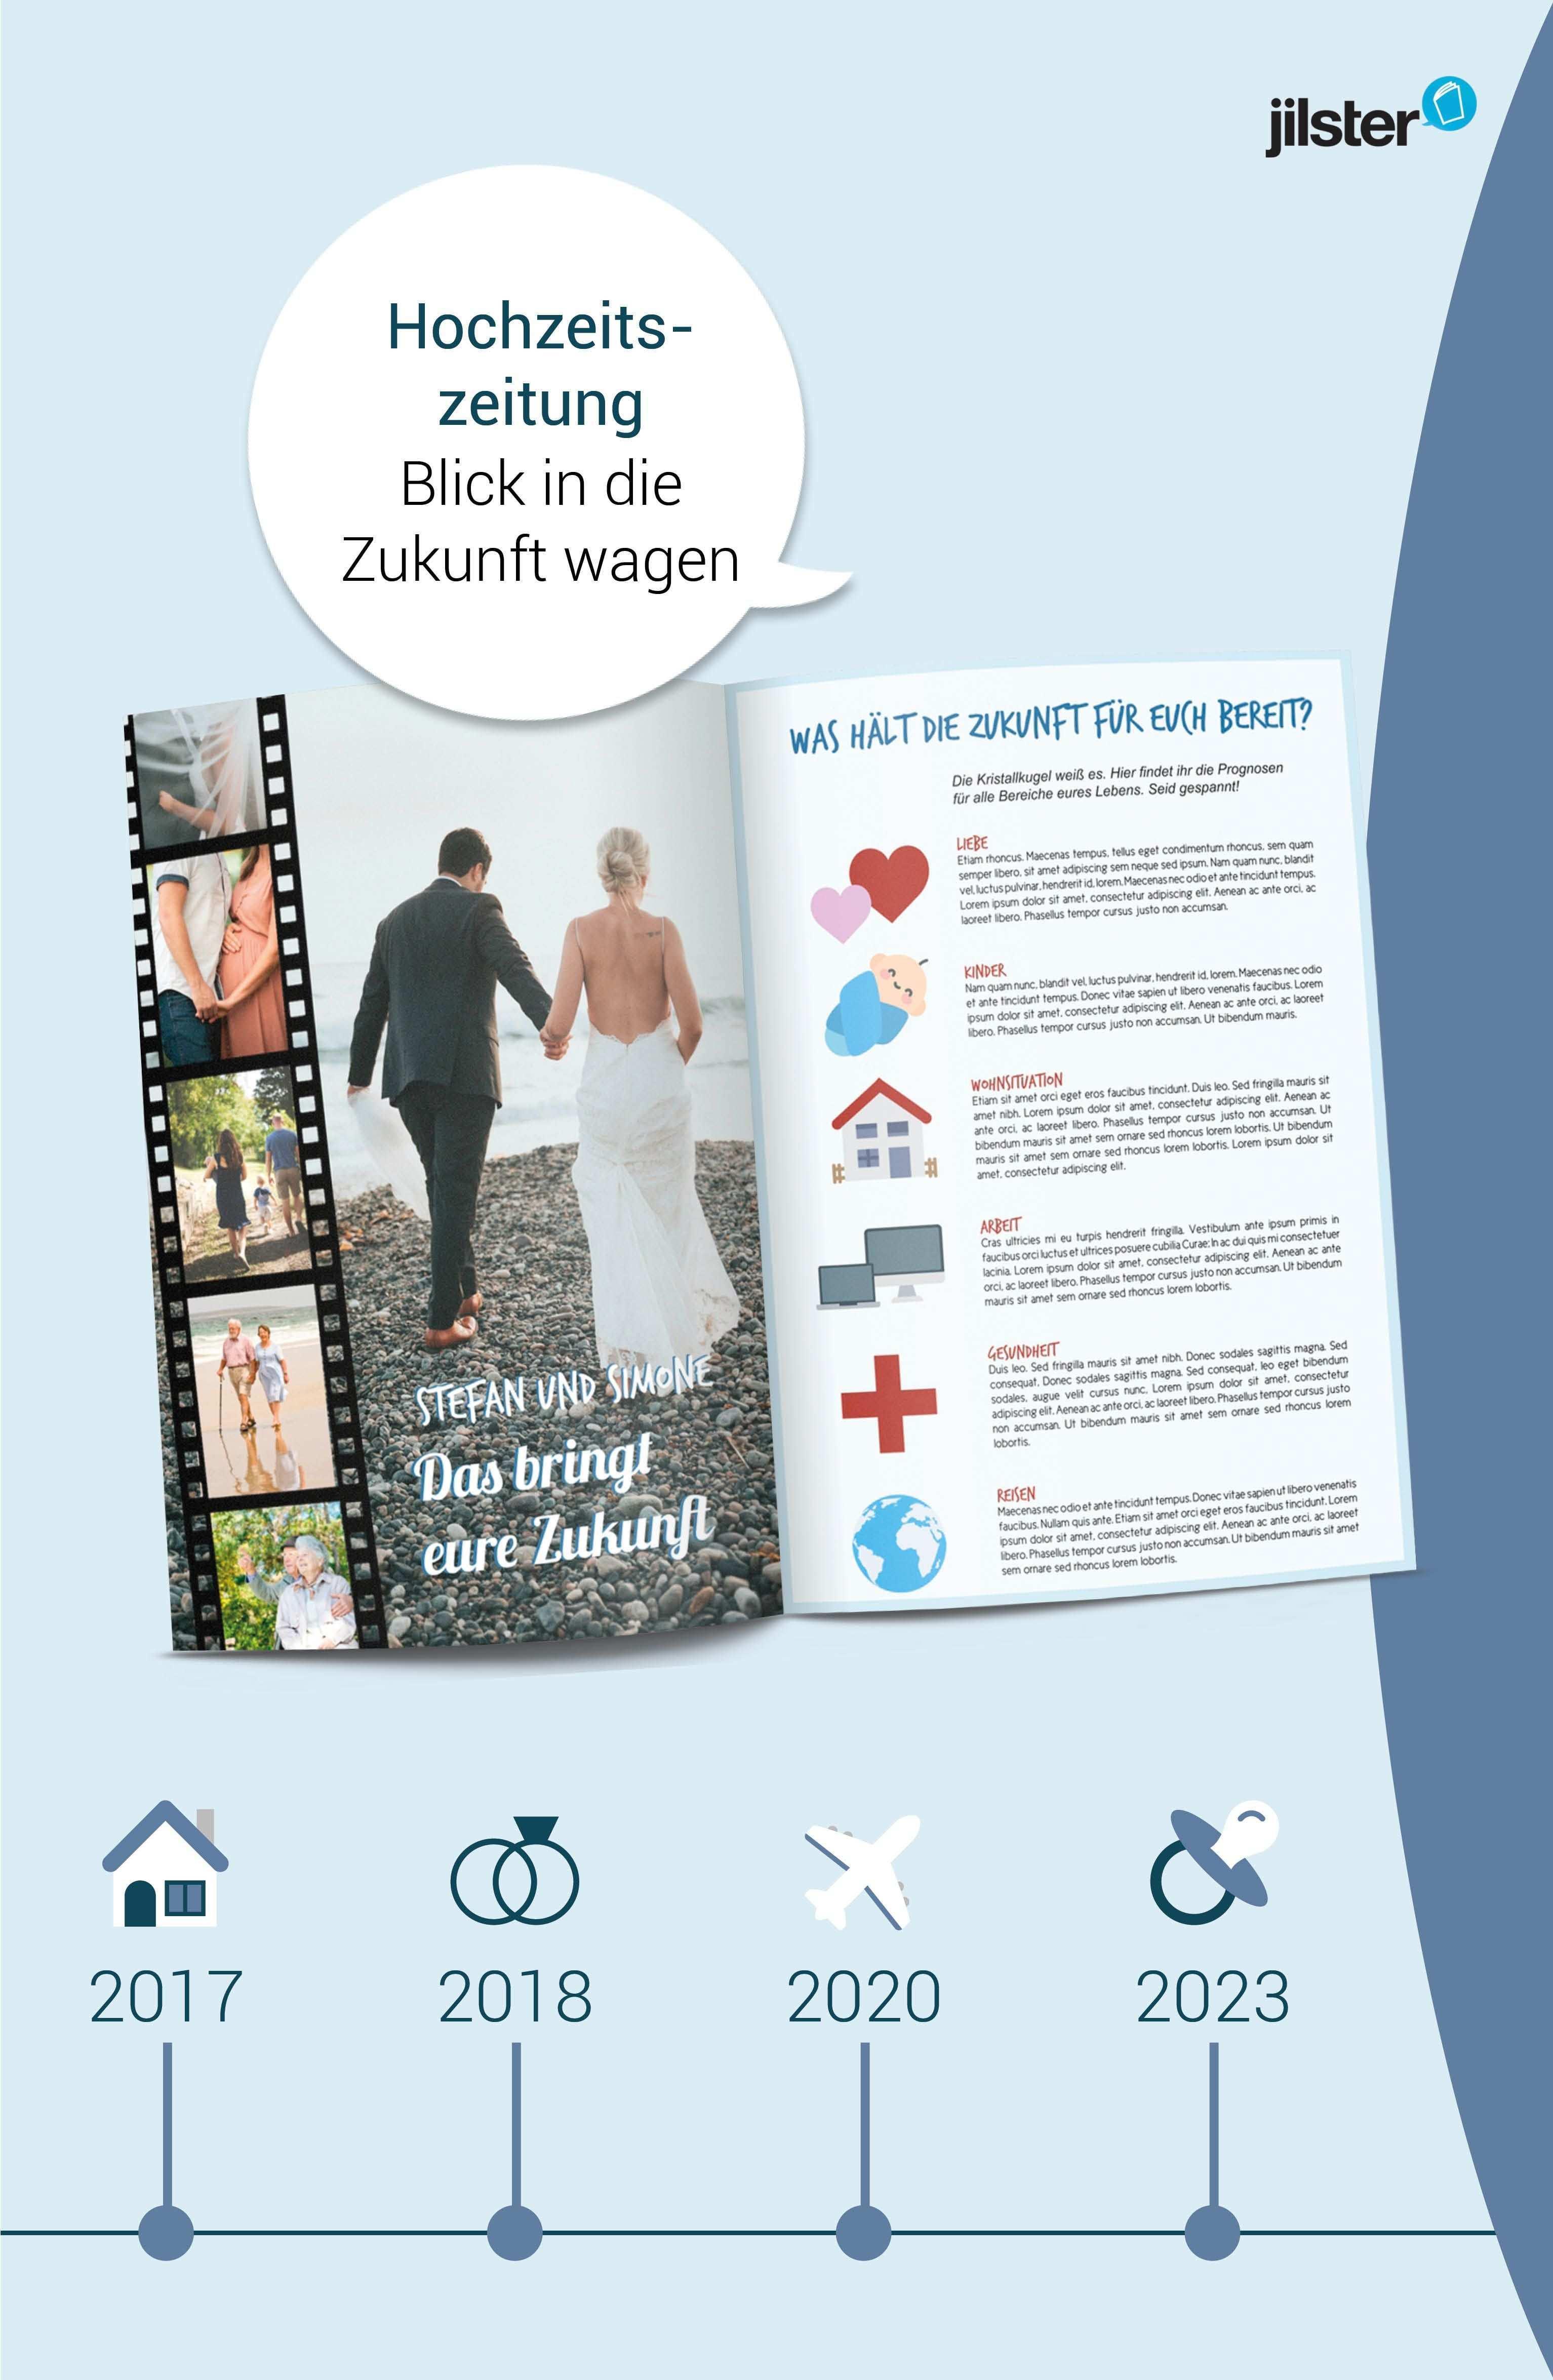 Hochzeitszeitung Die Zukunft Im Blick Jilster Blog Hochzeitszeitung Hochzeitszeitung Ideen Hochzeitszeitung Gestalten